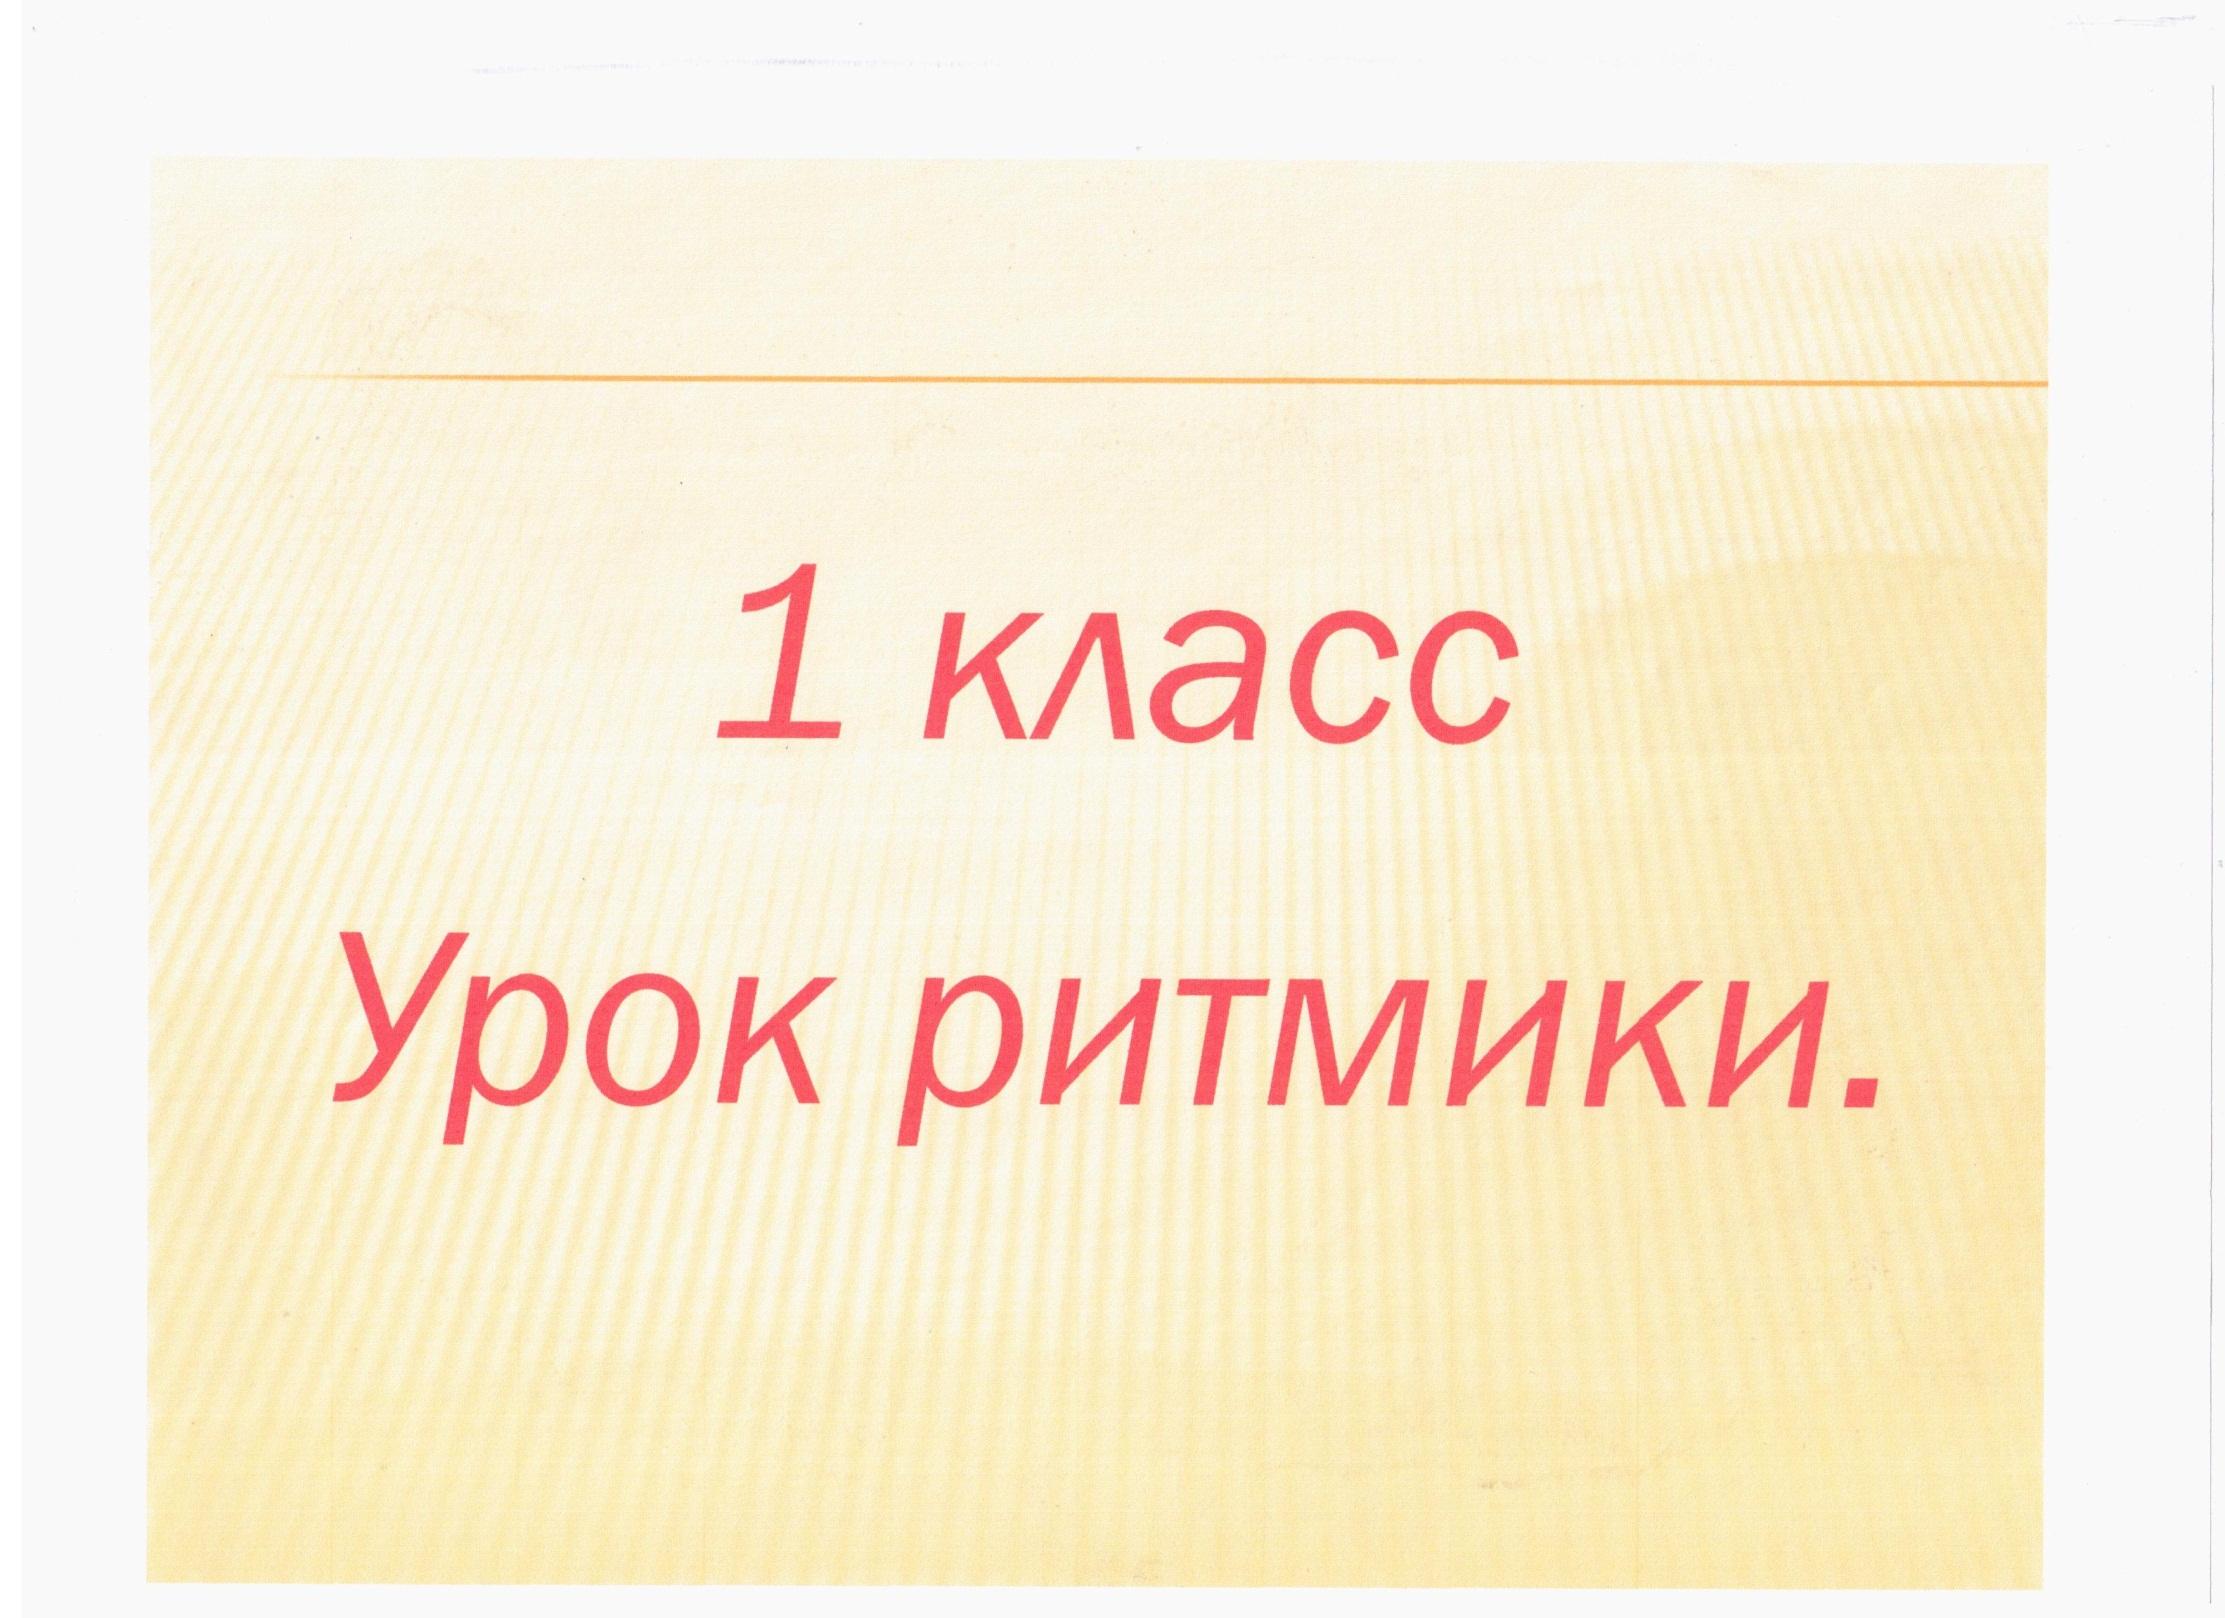 C:\Users\Администратор\Documents\аттестация\доклад мир танца\а9.jpeg